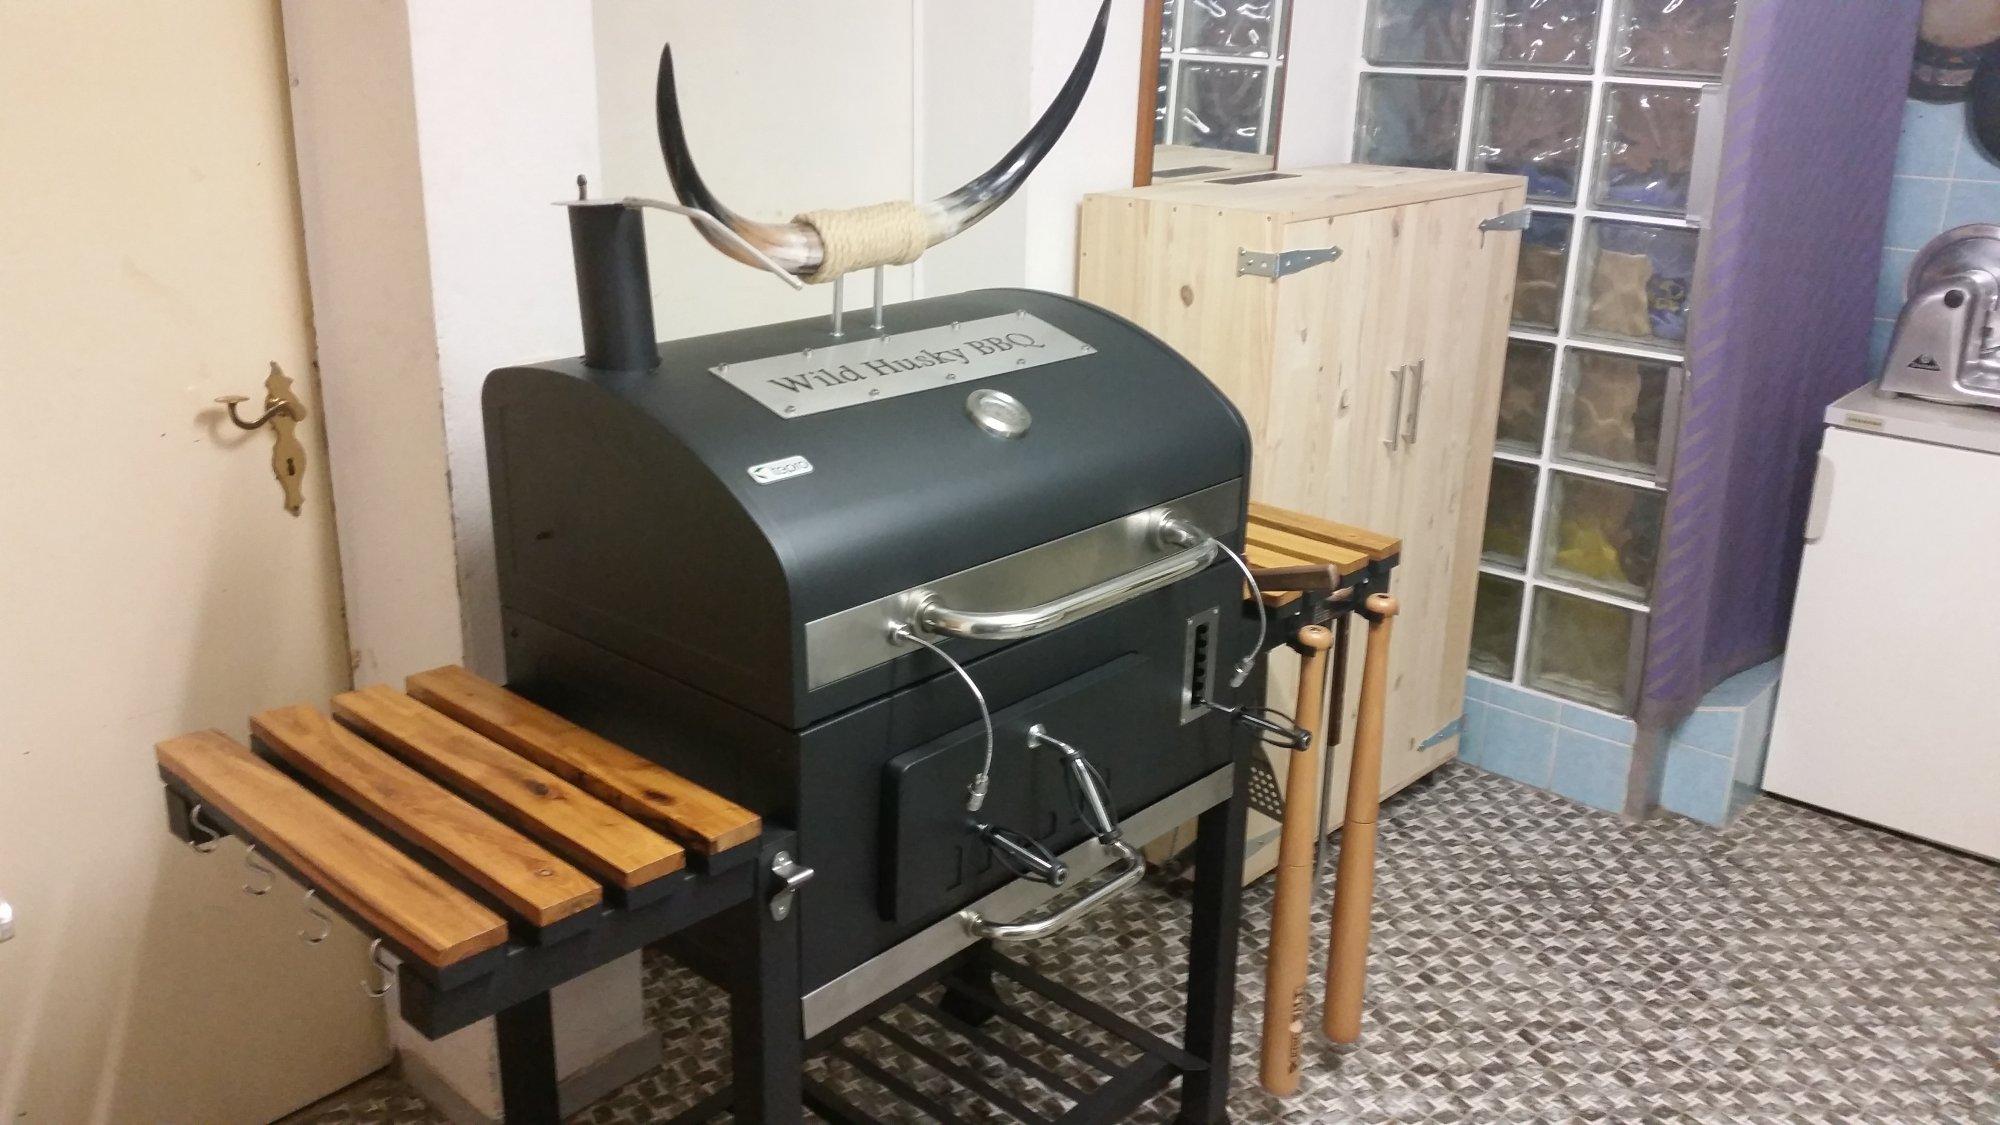 Tepro Toronto Holzkohlegrill Zubehör : Tepro toronto holzkohlegrill im test grill hardware und zubehör